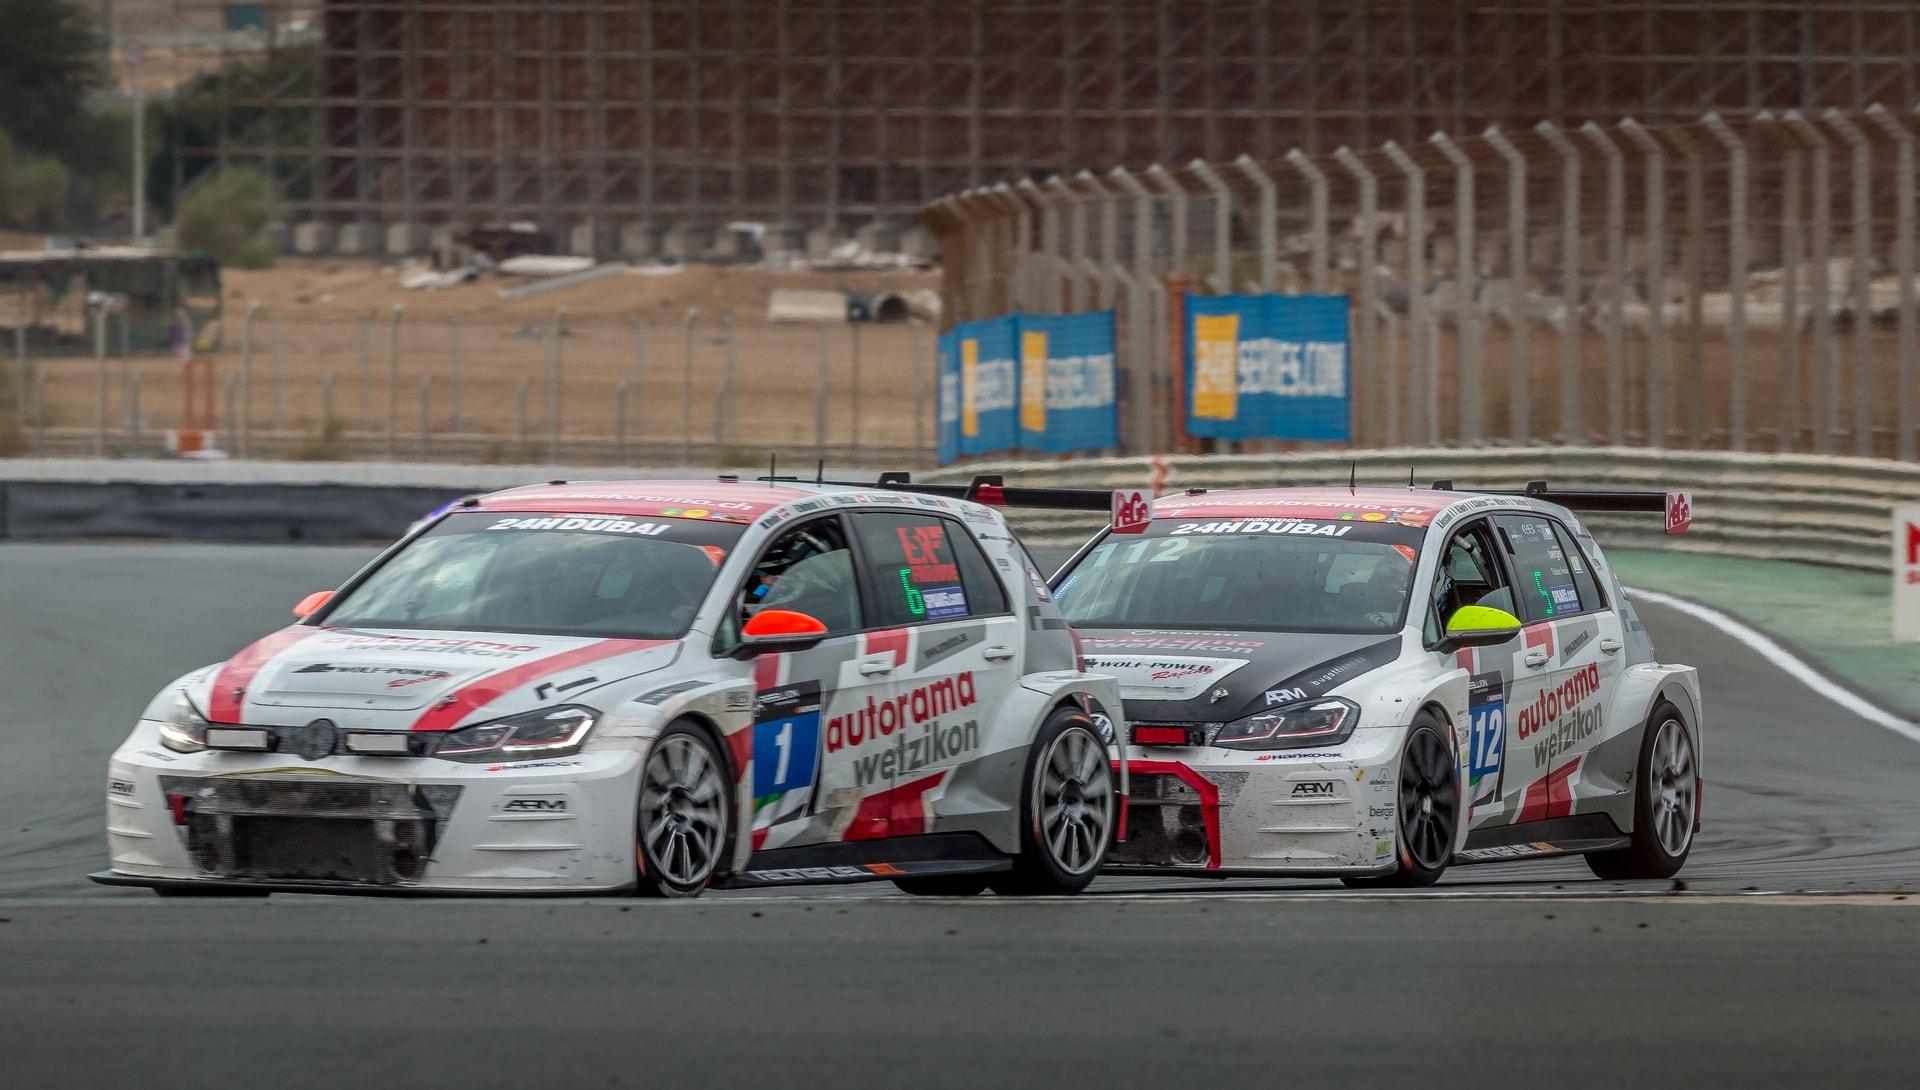 Pressebericht zu meinem Rennen in Dubai